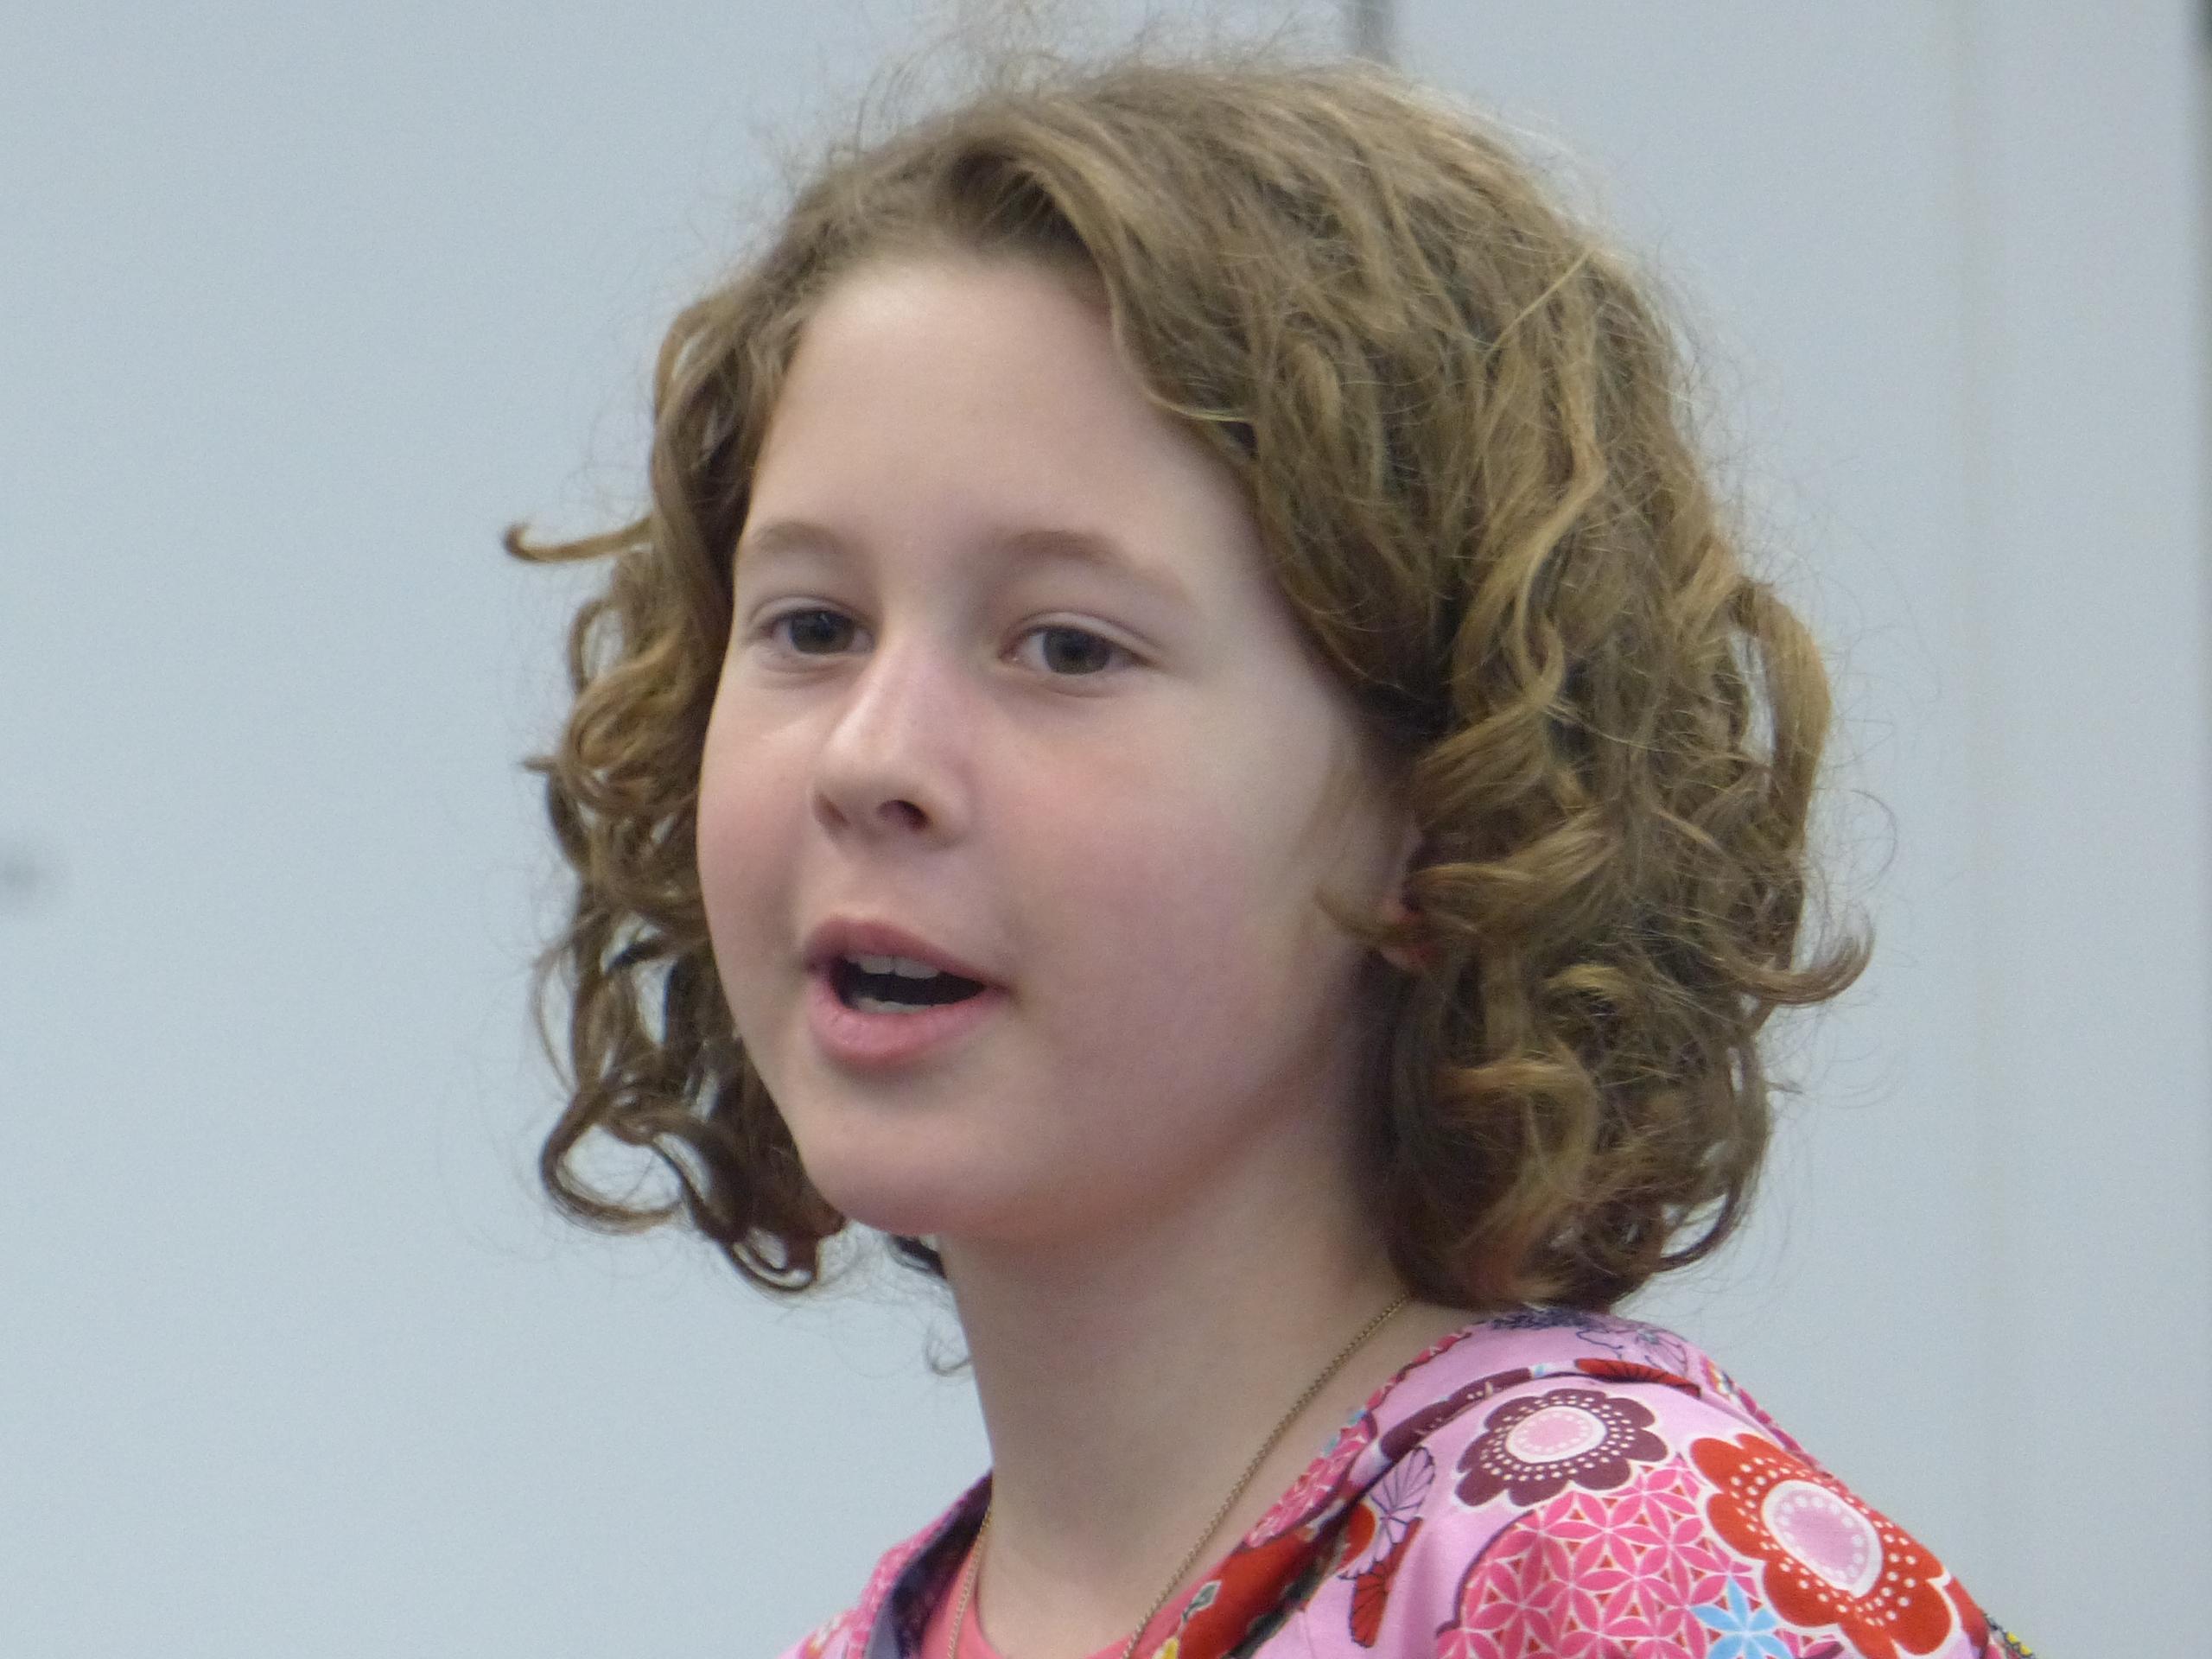 Fia, 9 Jahre alt, erzählt aus ihren Erinnerungen aus der Waldspielgruppenzeit